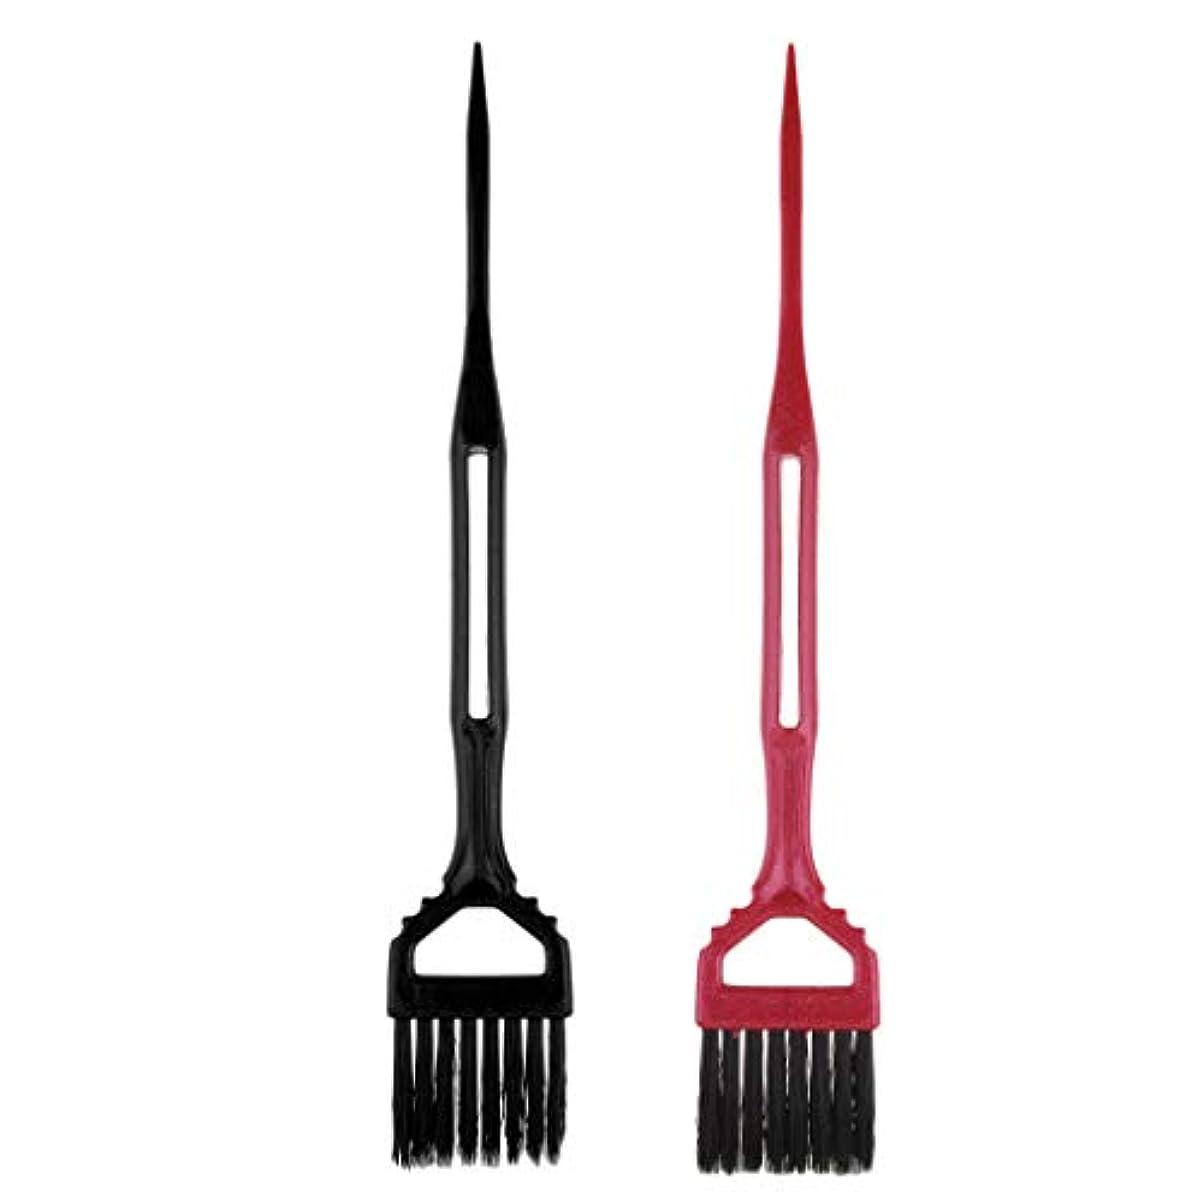 セグメント適応的死にかけているToygogo 2サロン理髪髪染め櫛分布ブラシツールのセット髪型染め染め櫛ツール